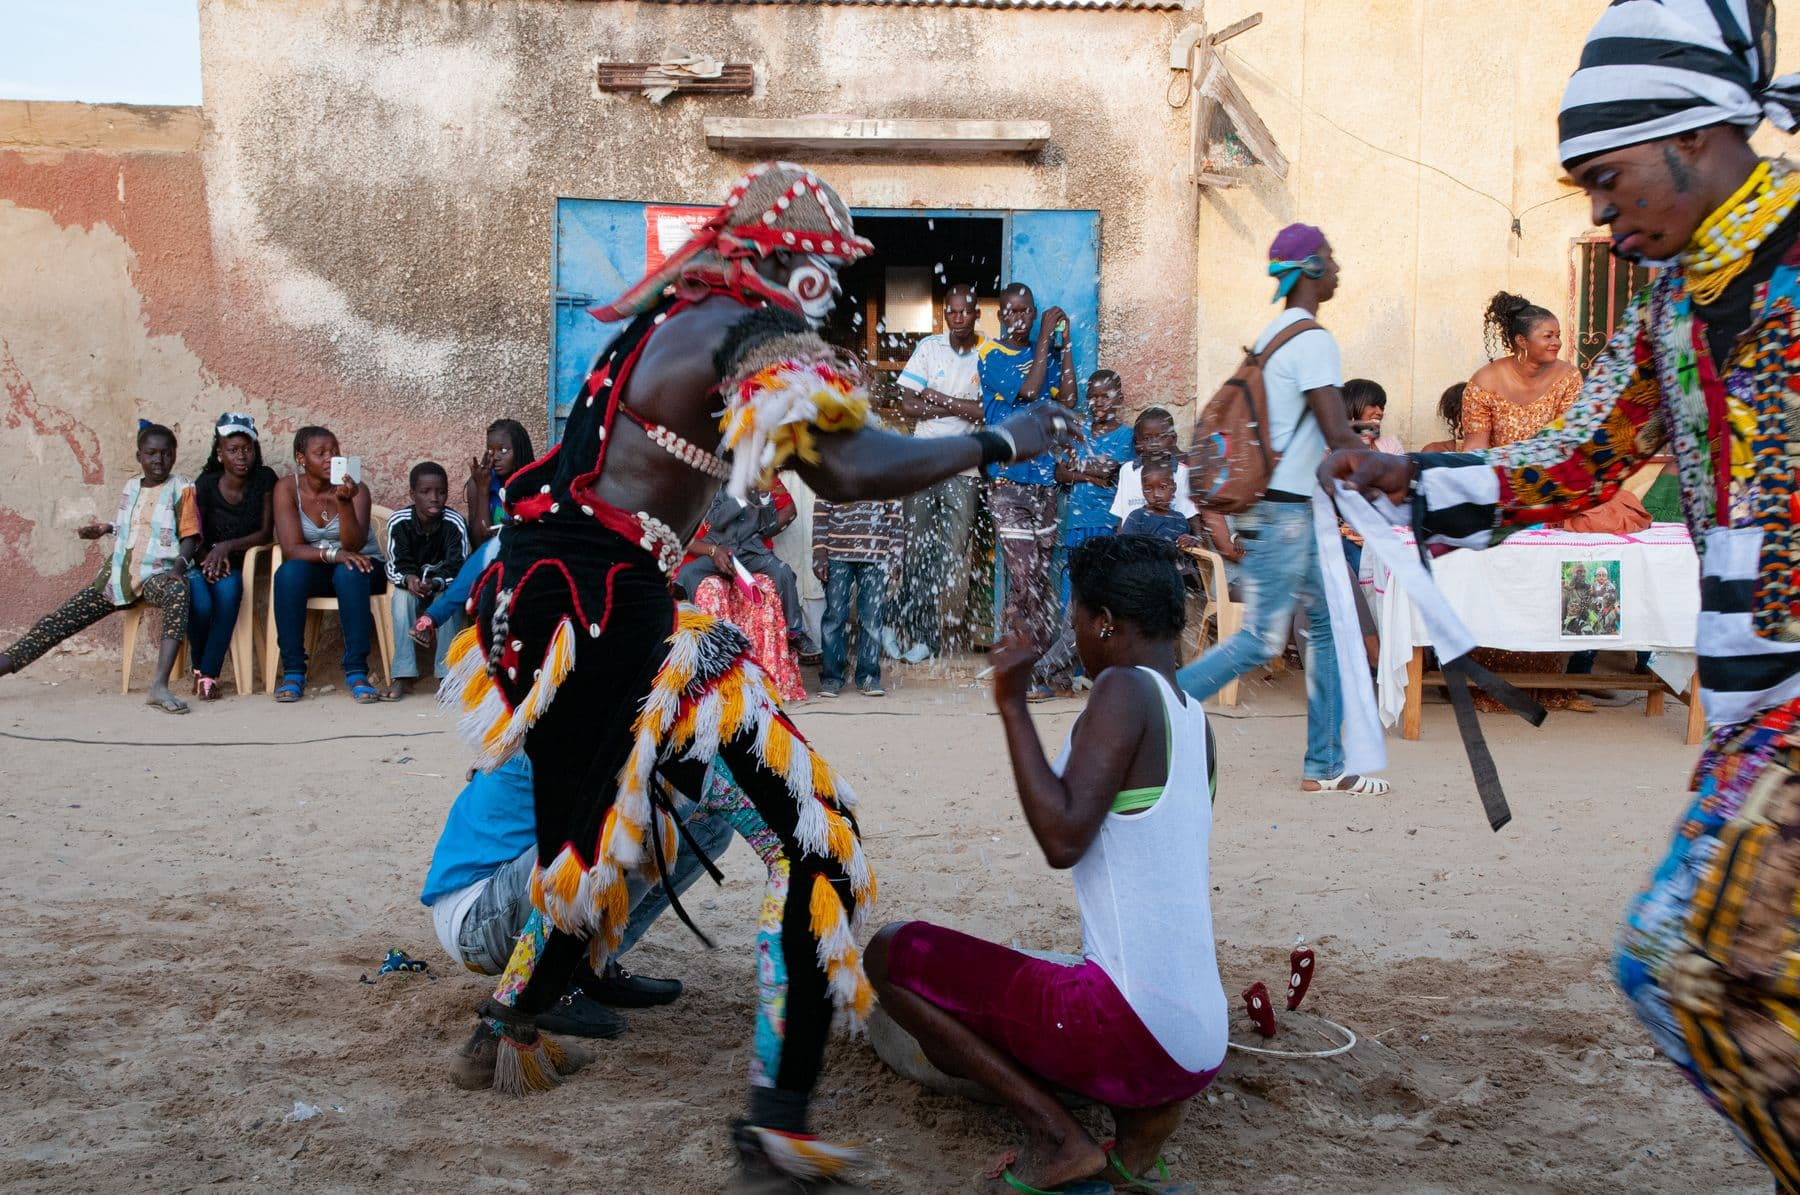 MichelAycaguer-LeSimb-LeFauxLion-SaintLouis-Senegal-80